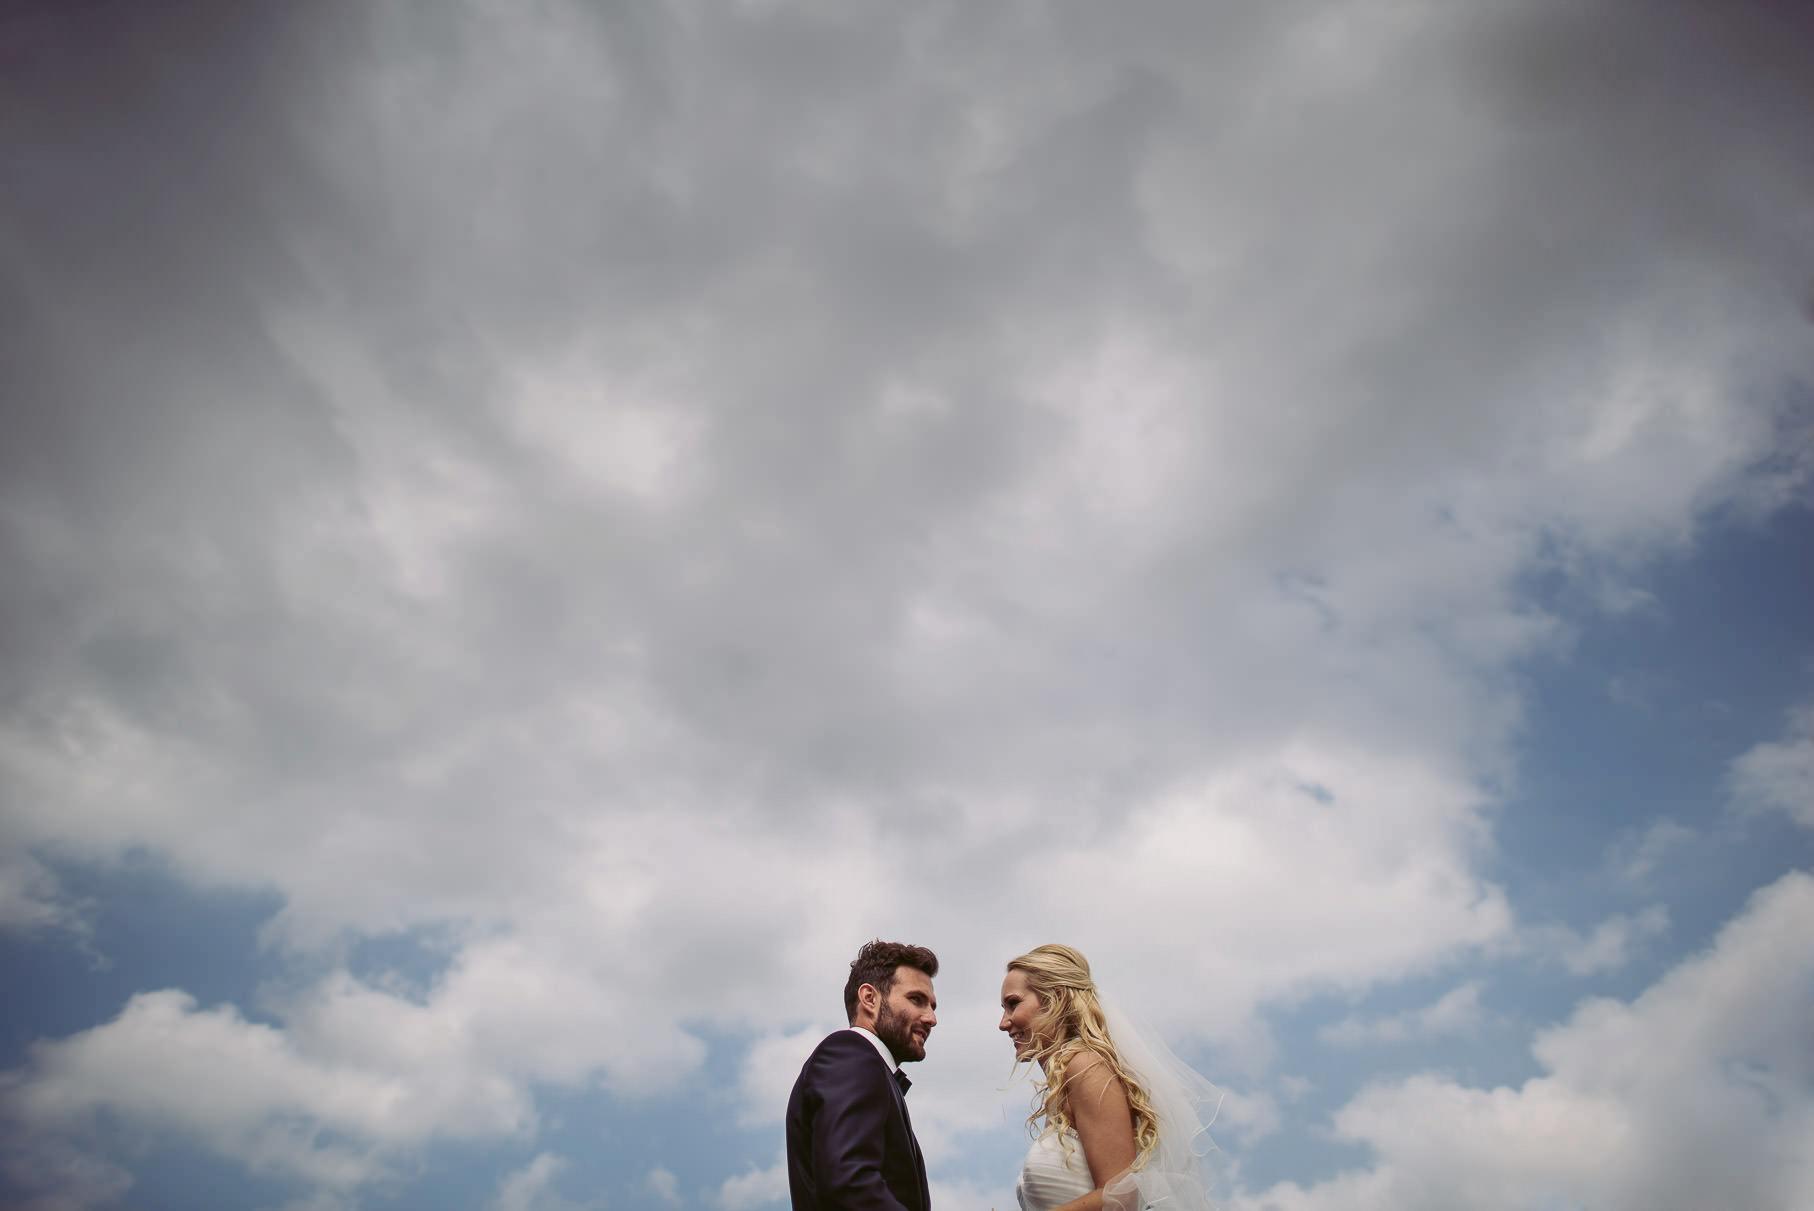 0042 jus 812 9188 bearbeitet - Hochzeit im Wasserturm Lüneburg - Jenny & Sascha